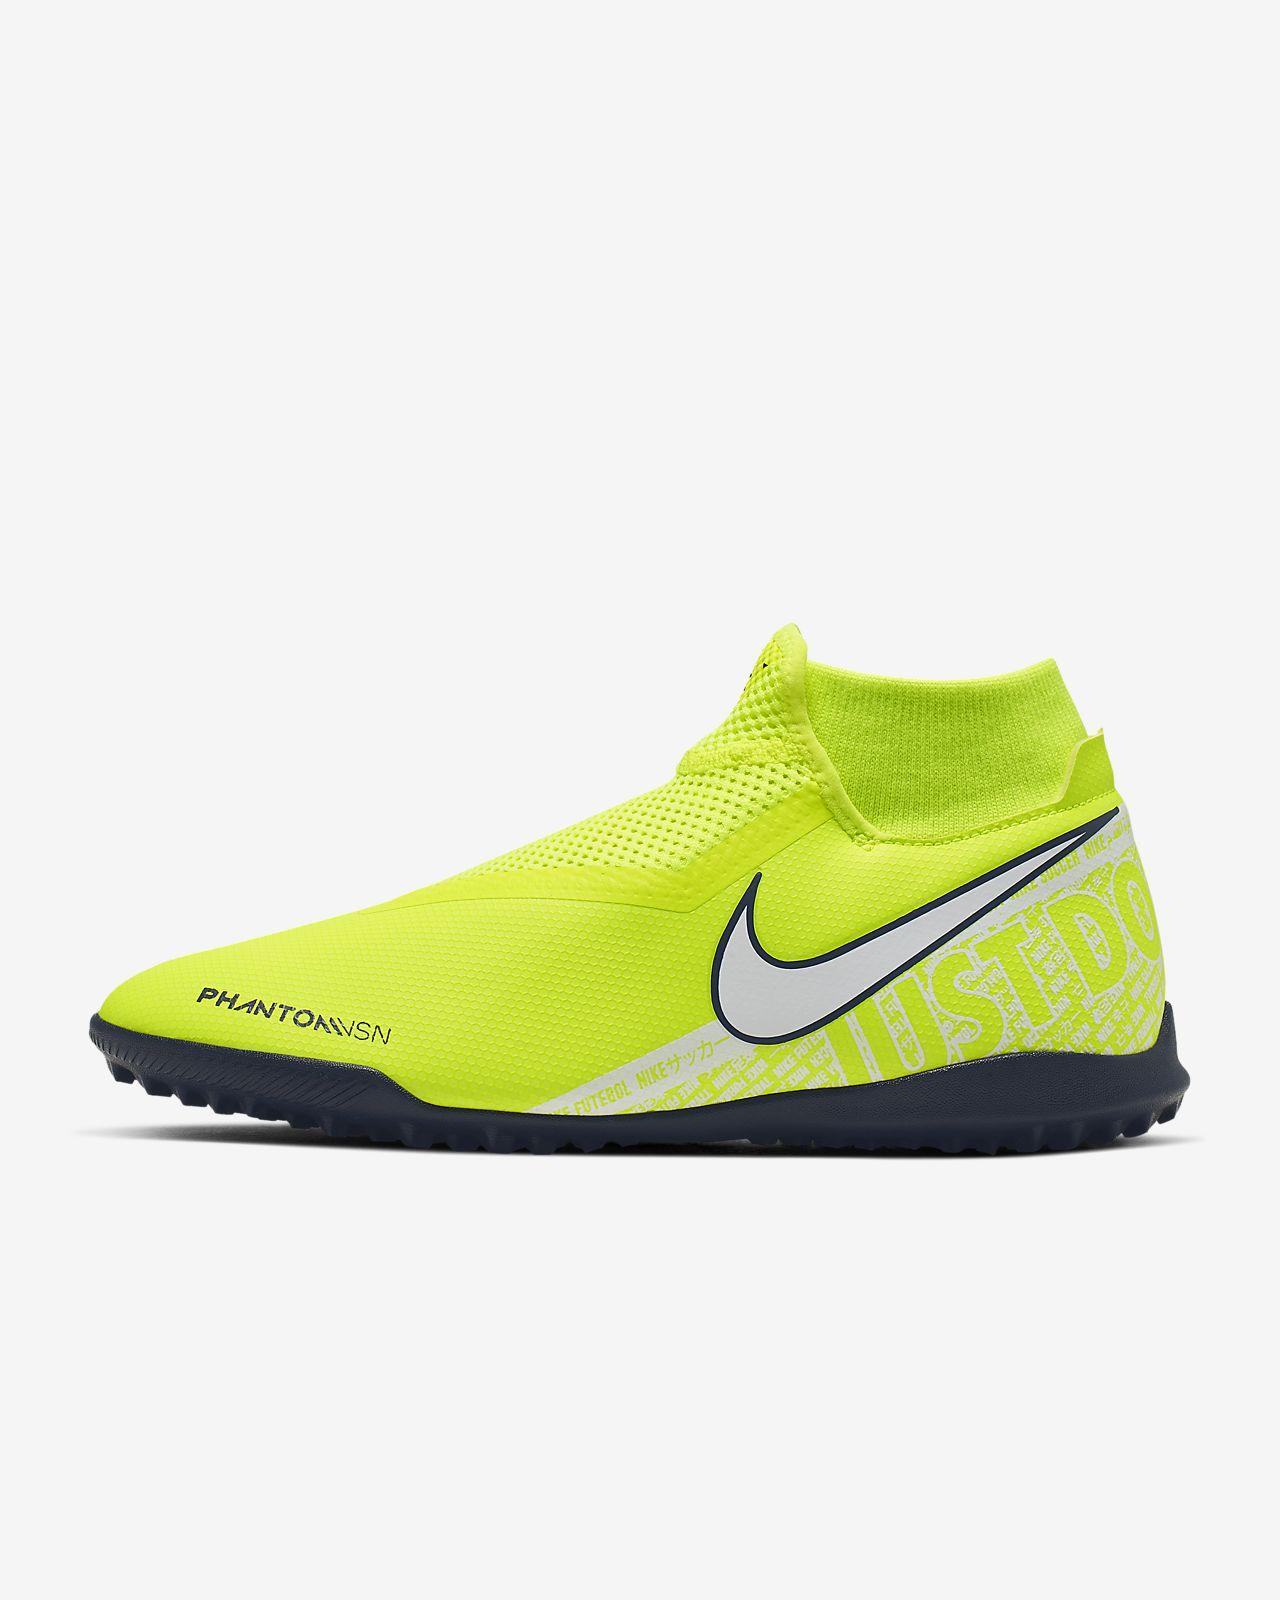 Nike Phantom Vision Academy Dynamic Fit TF-fodboldstøvle til grus